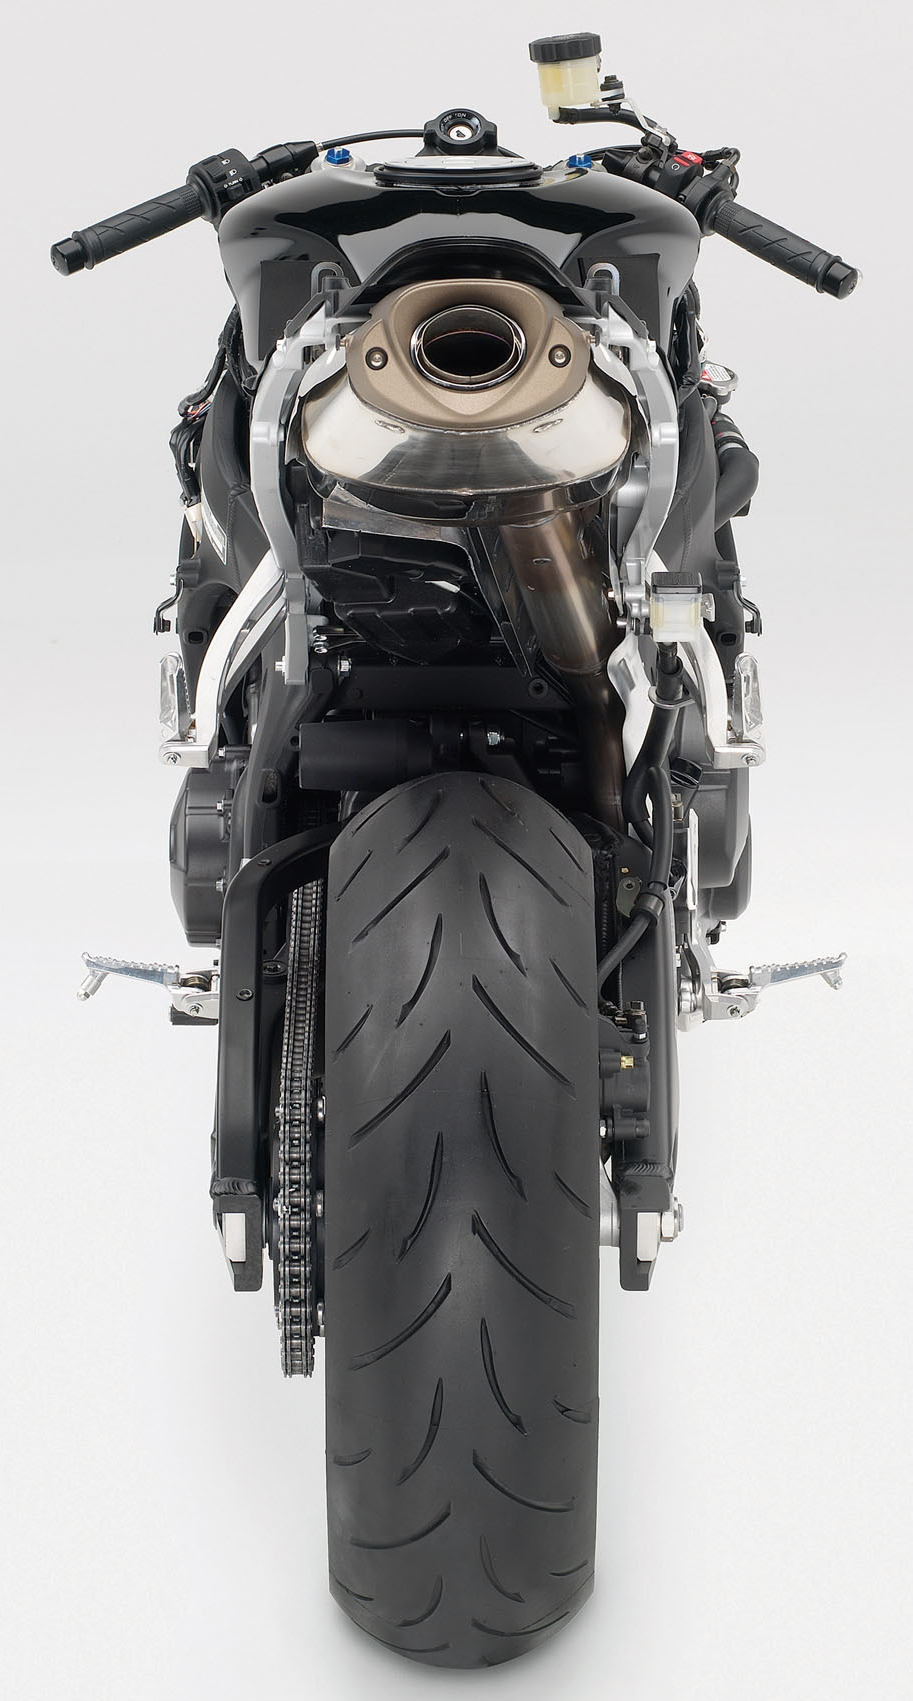 2015 Honda Cbr600rr Review Specs Cbr 600cc Sport Bike